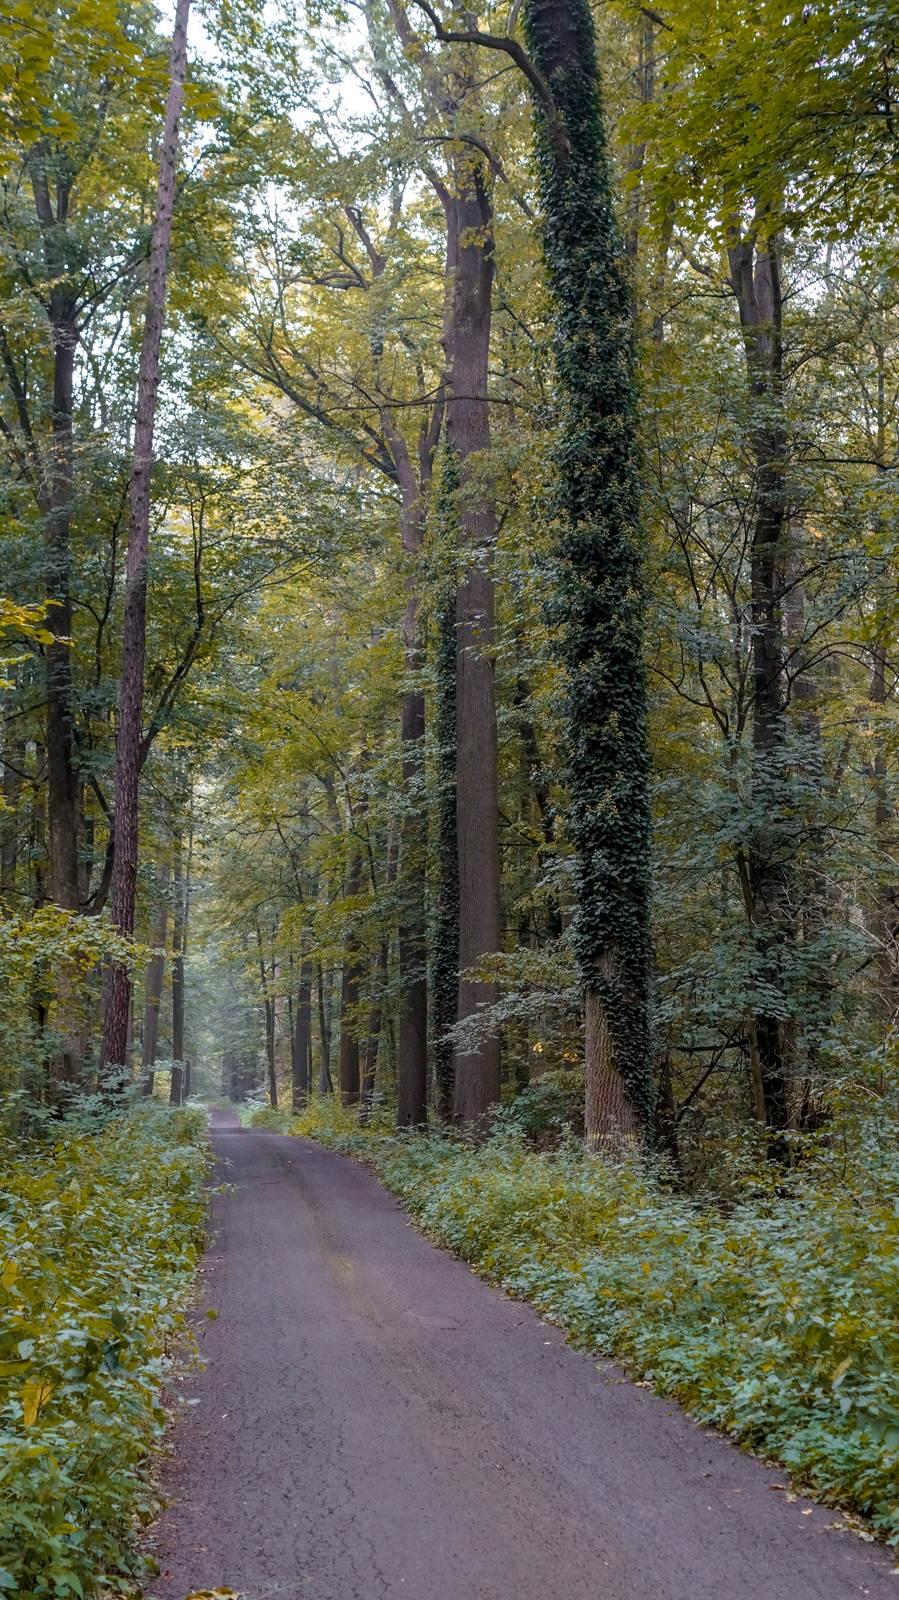 Rezerwat przyrody Kokorycz